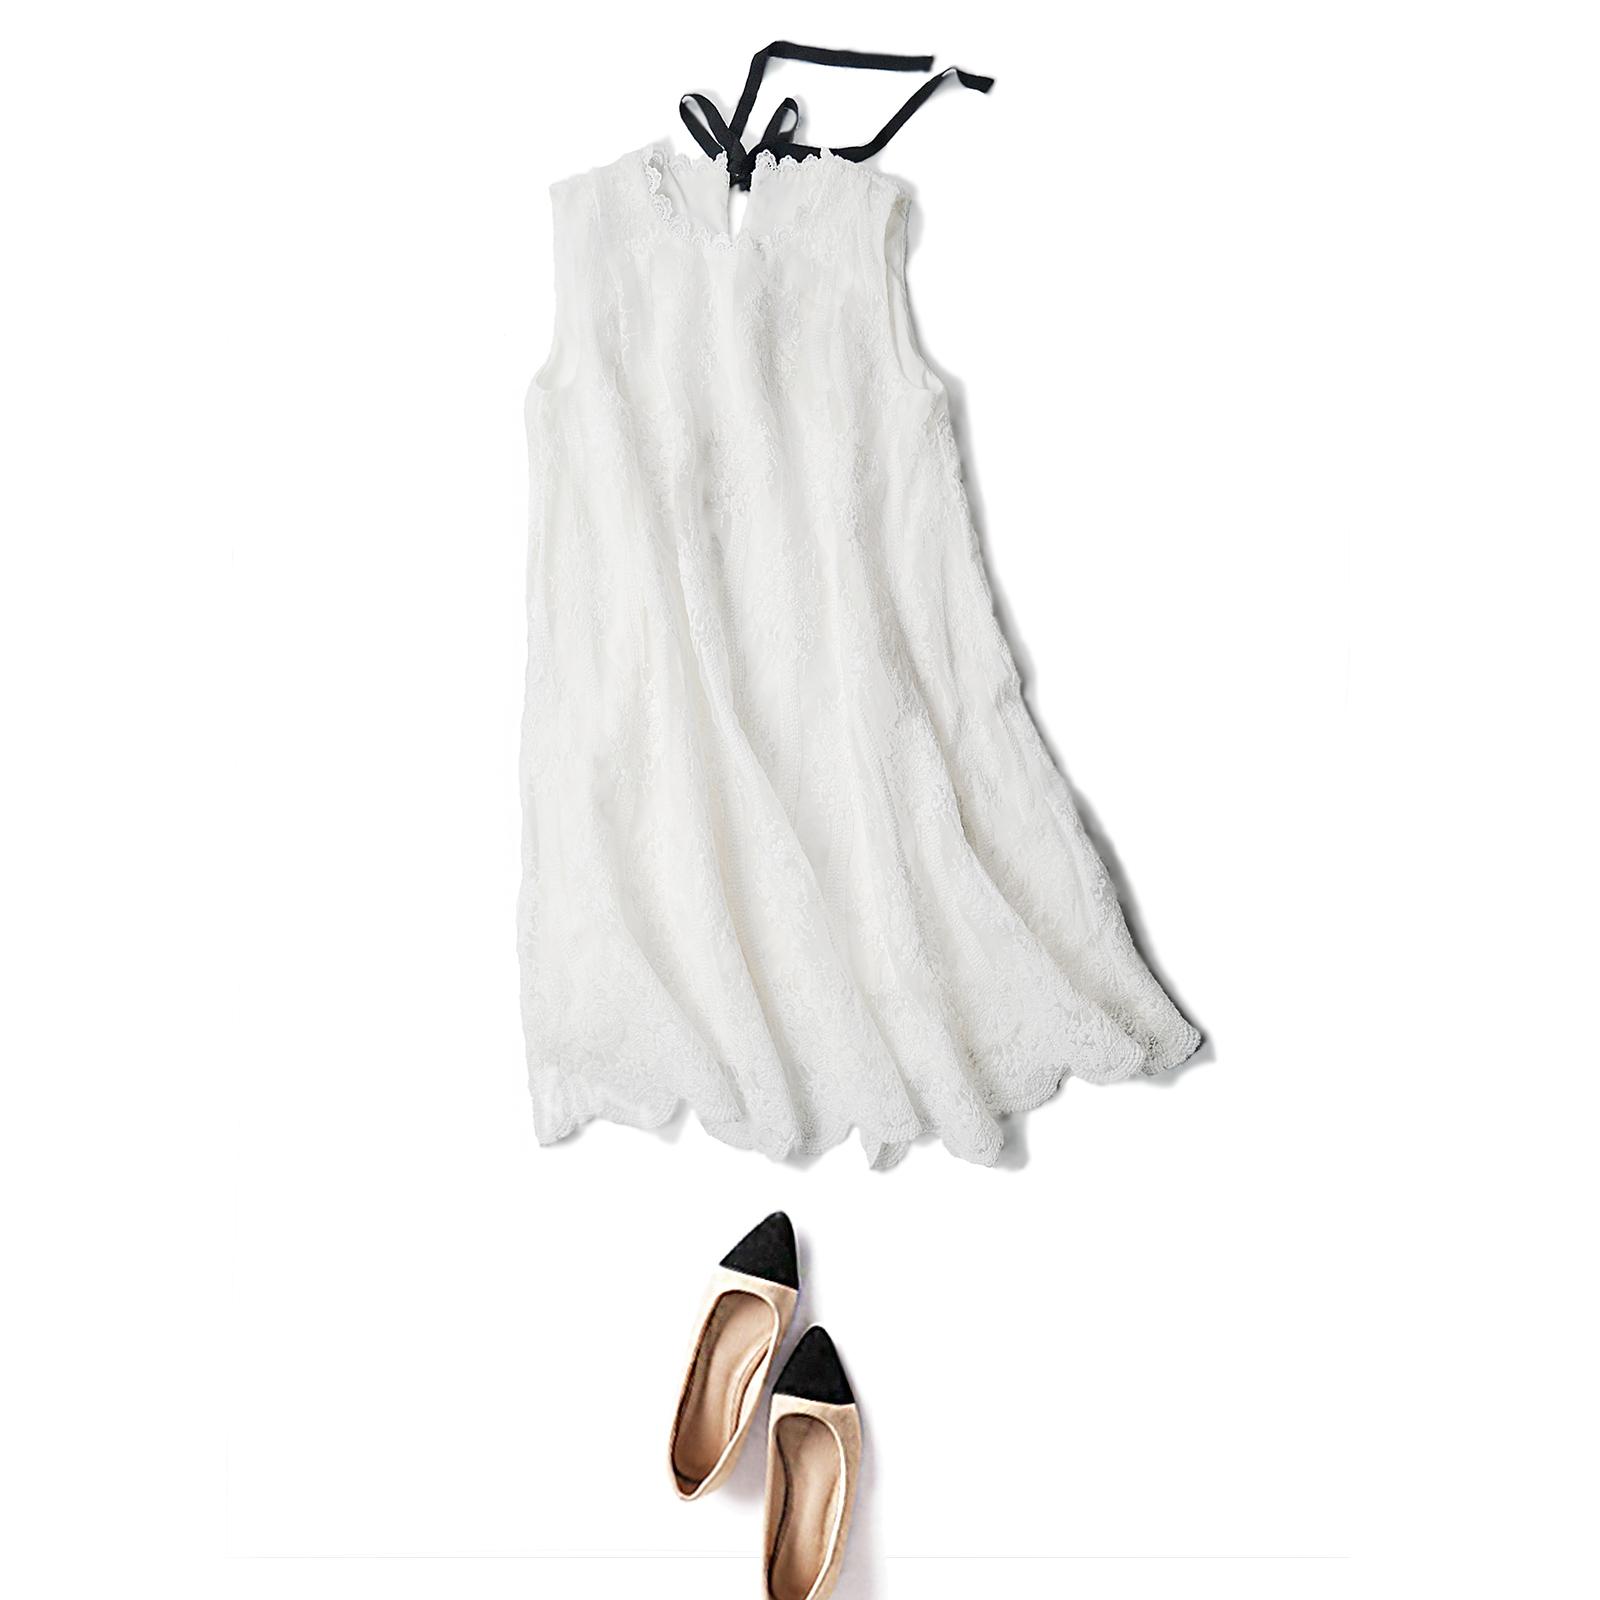 品牌蕾丝连衣裙 欧洲站2018夏装新款白色刺绣休闲裙领口系扣蕾丝镂空无袖连衣裙女_推荐淘宝好看的蕾丝连衣裙